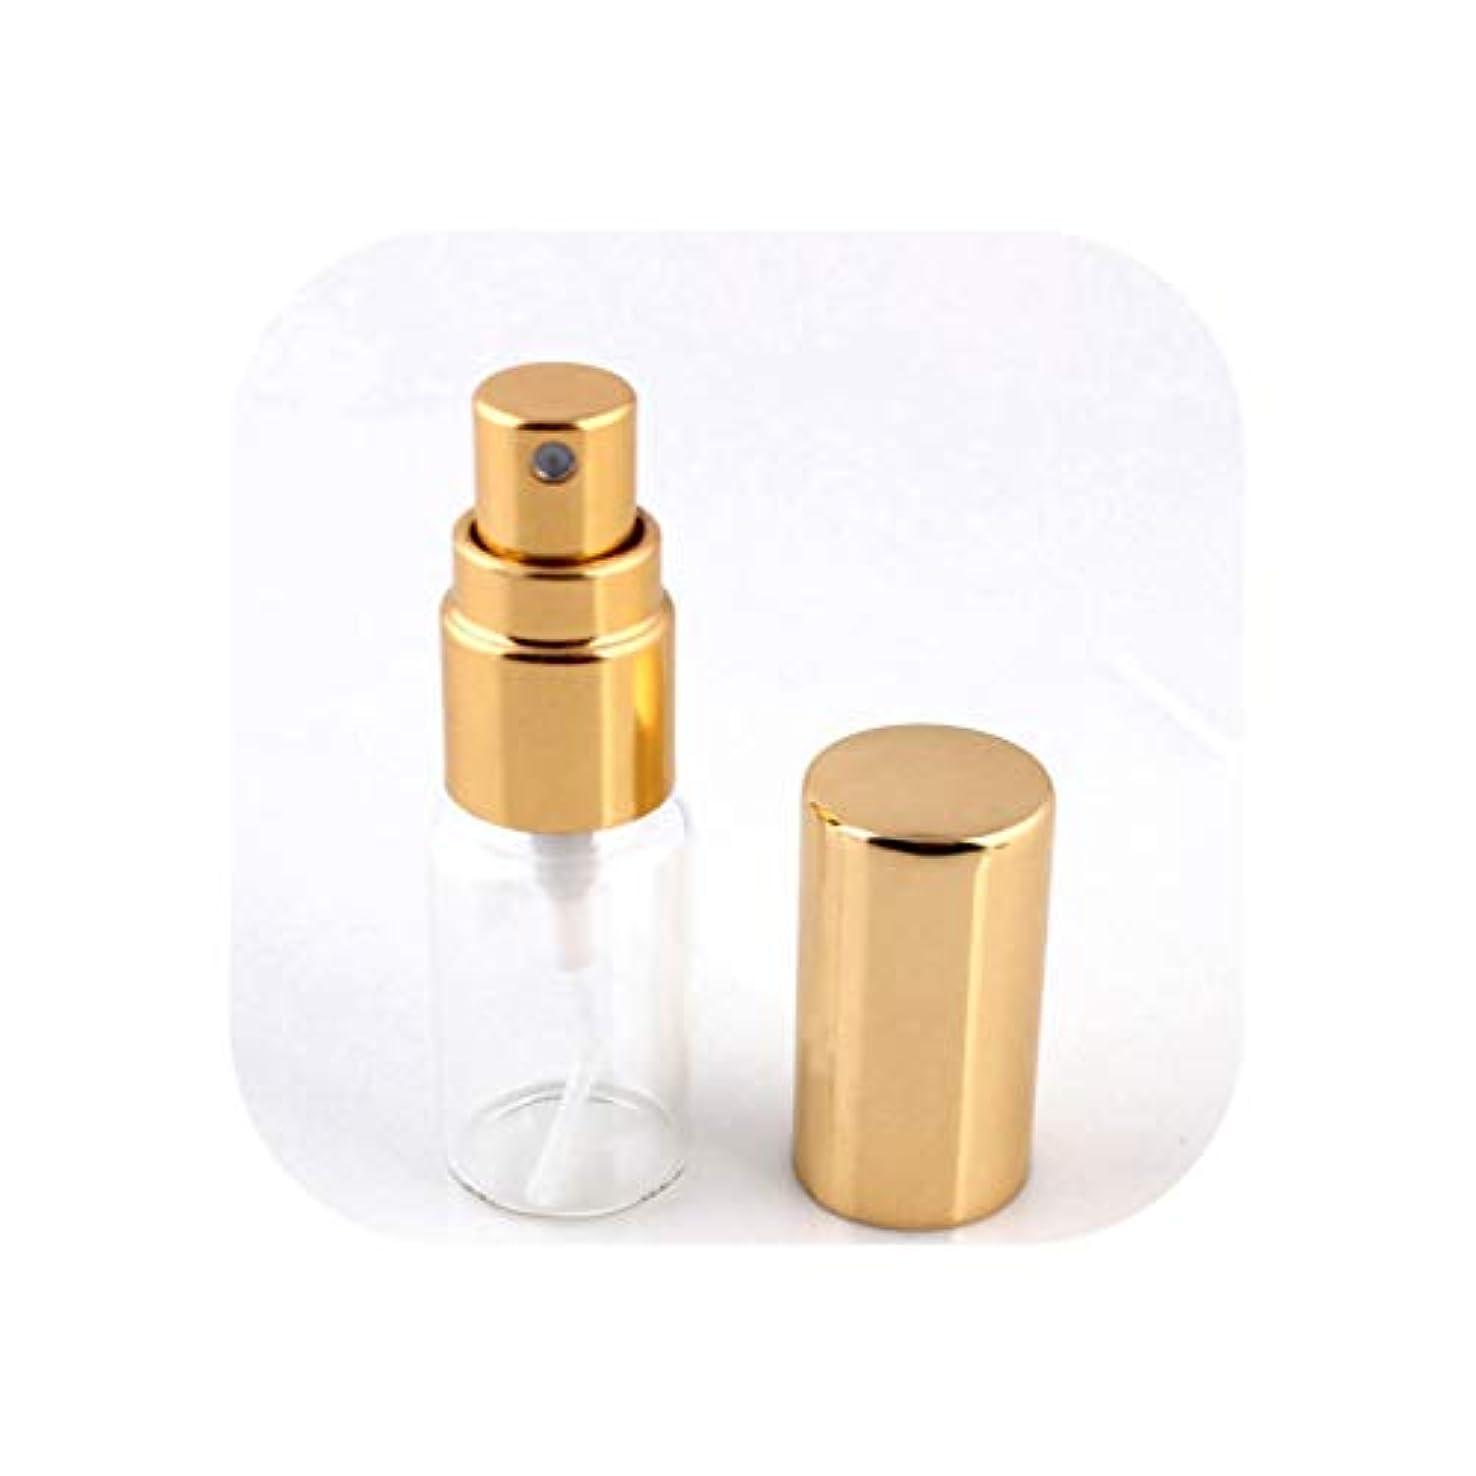 血統里親ディスカウント旅行のためのアトマイザー空の化粧品容器とスプレーでの1pcsの5ミリリットル/ 10MLポータブルカラフルなガラスの詰め替え香水瓶、GD-S